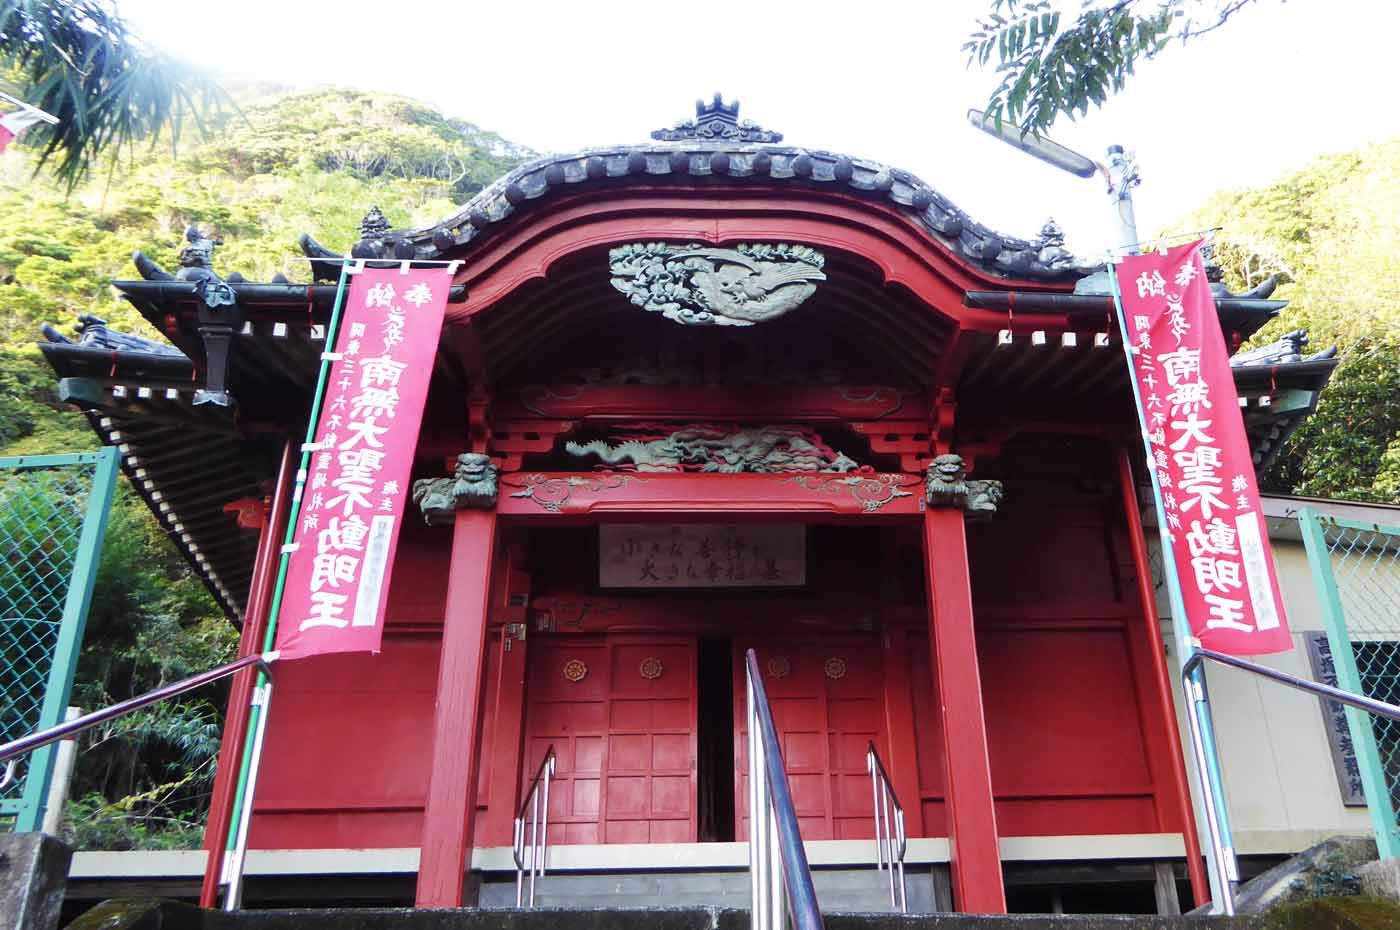 高塚不動の奥の院